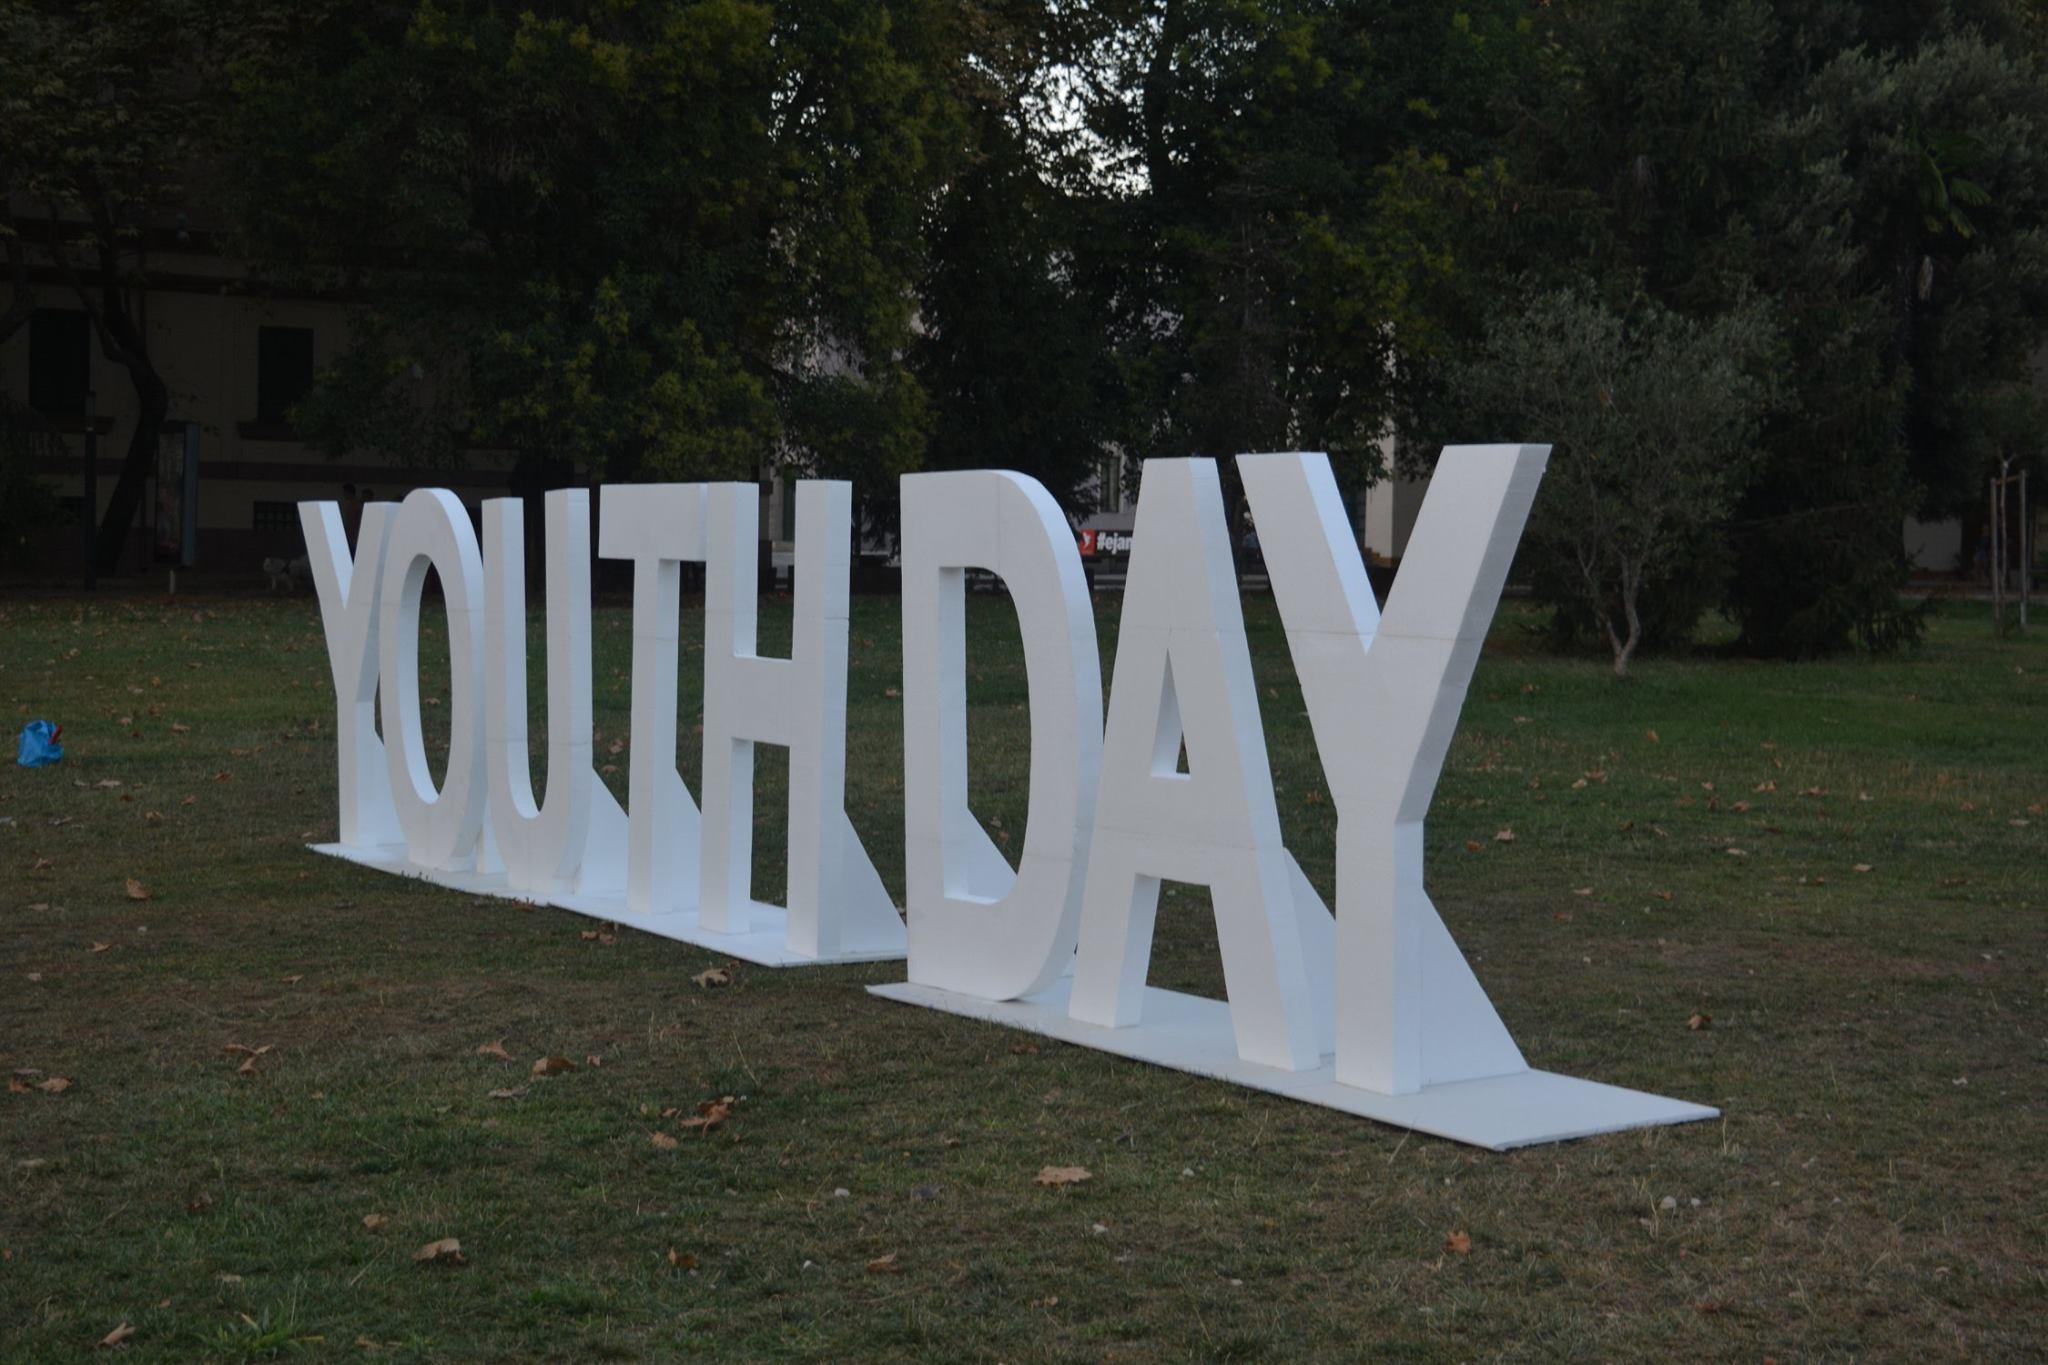 Dita Ndërkombëtare e Rinisë: Të rinjtë që krijojnë Paqen